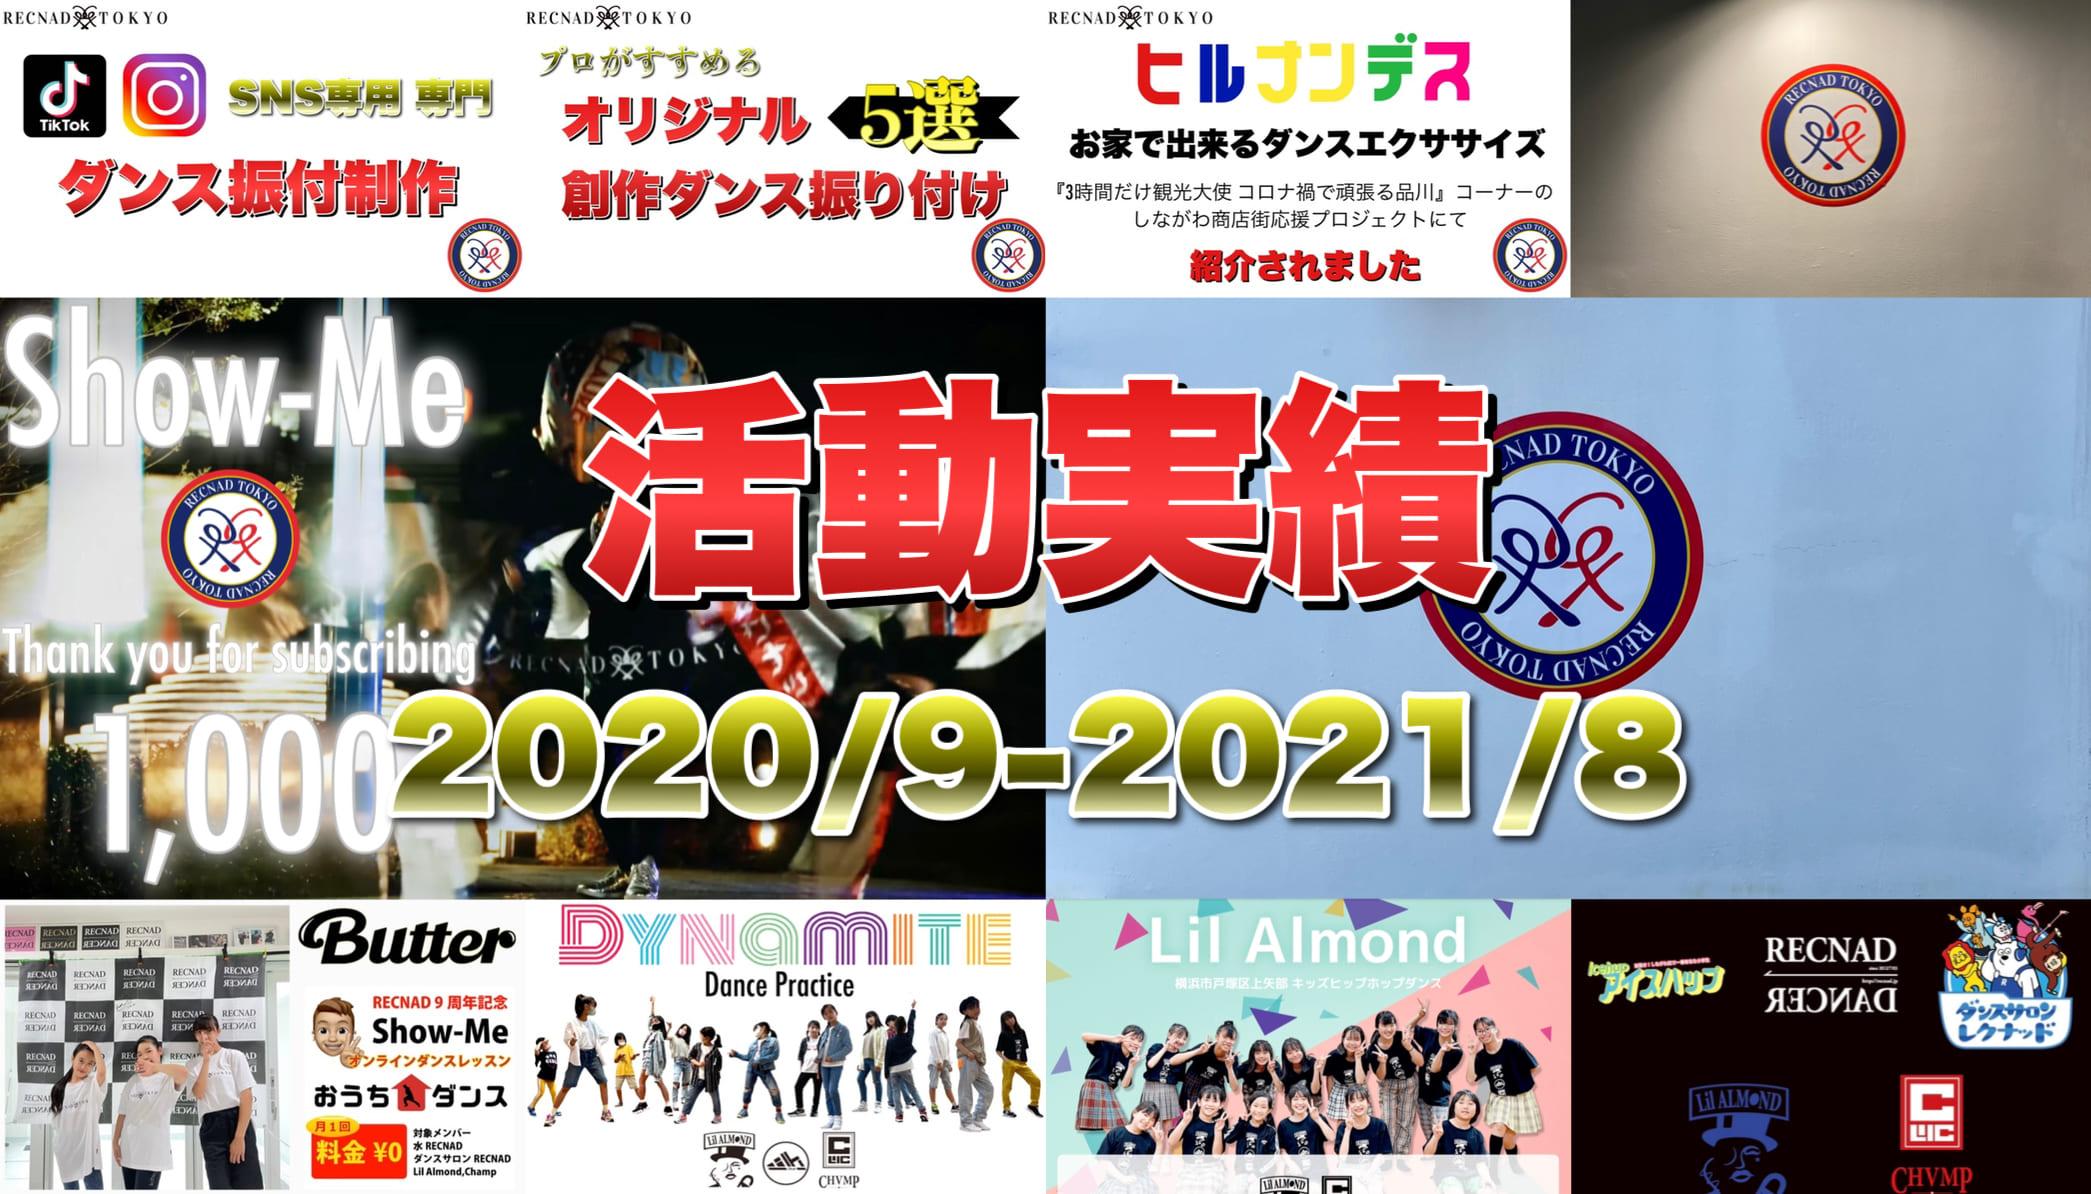 4年目のご挨拶 (株) RECNAD TOKYO   品川区のダンスカンパニー